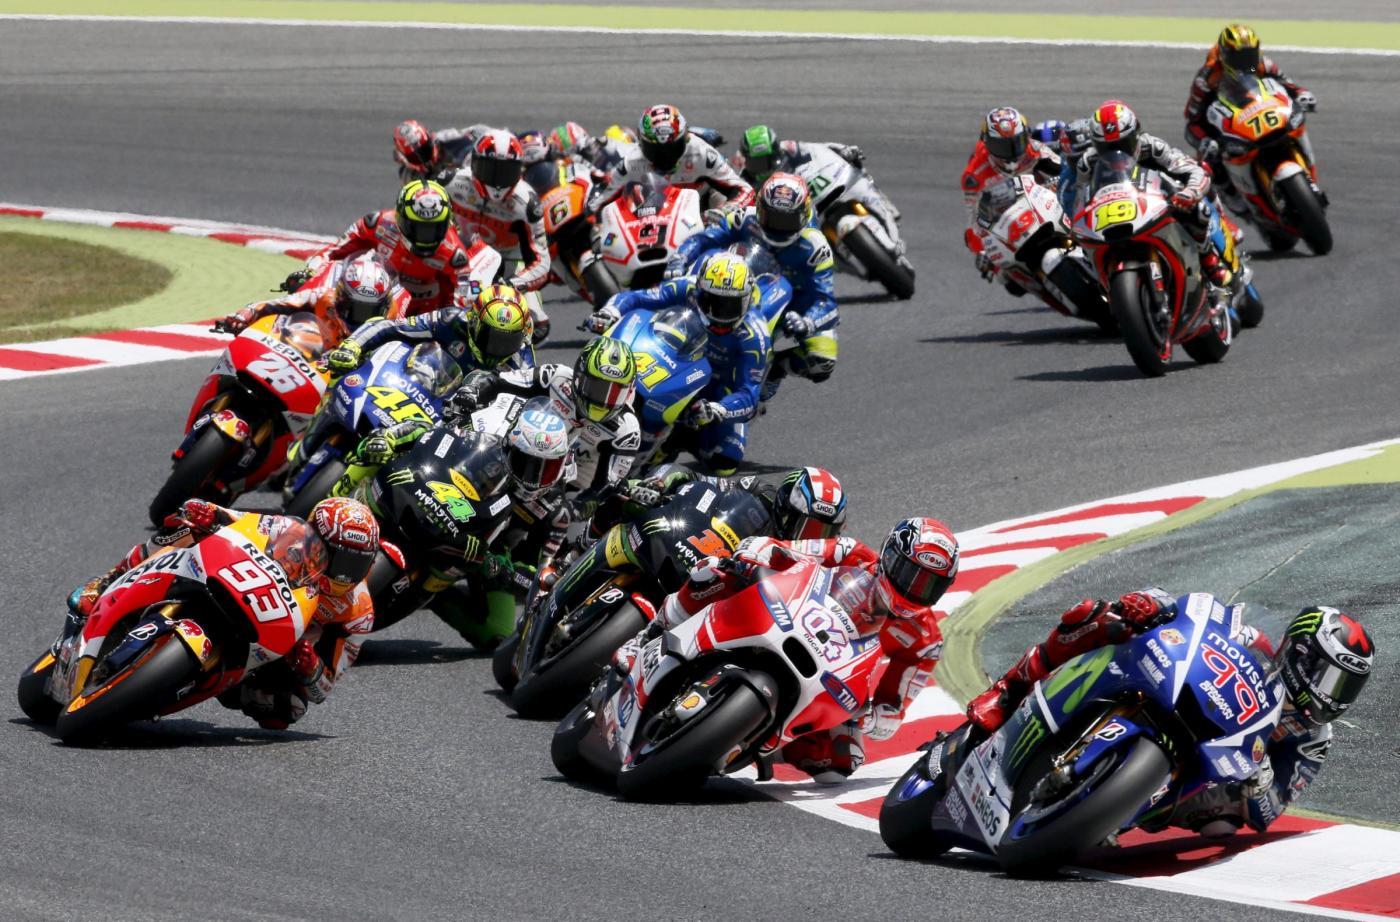 campionato di motogp